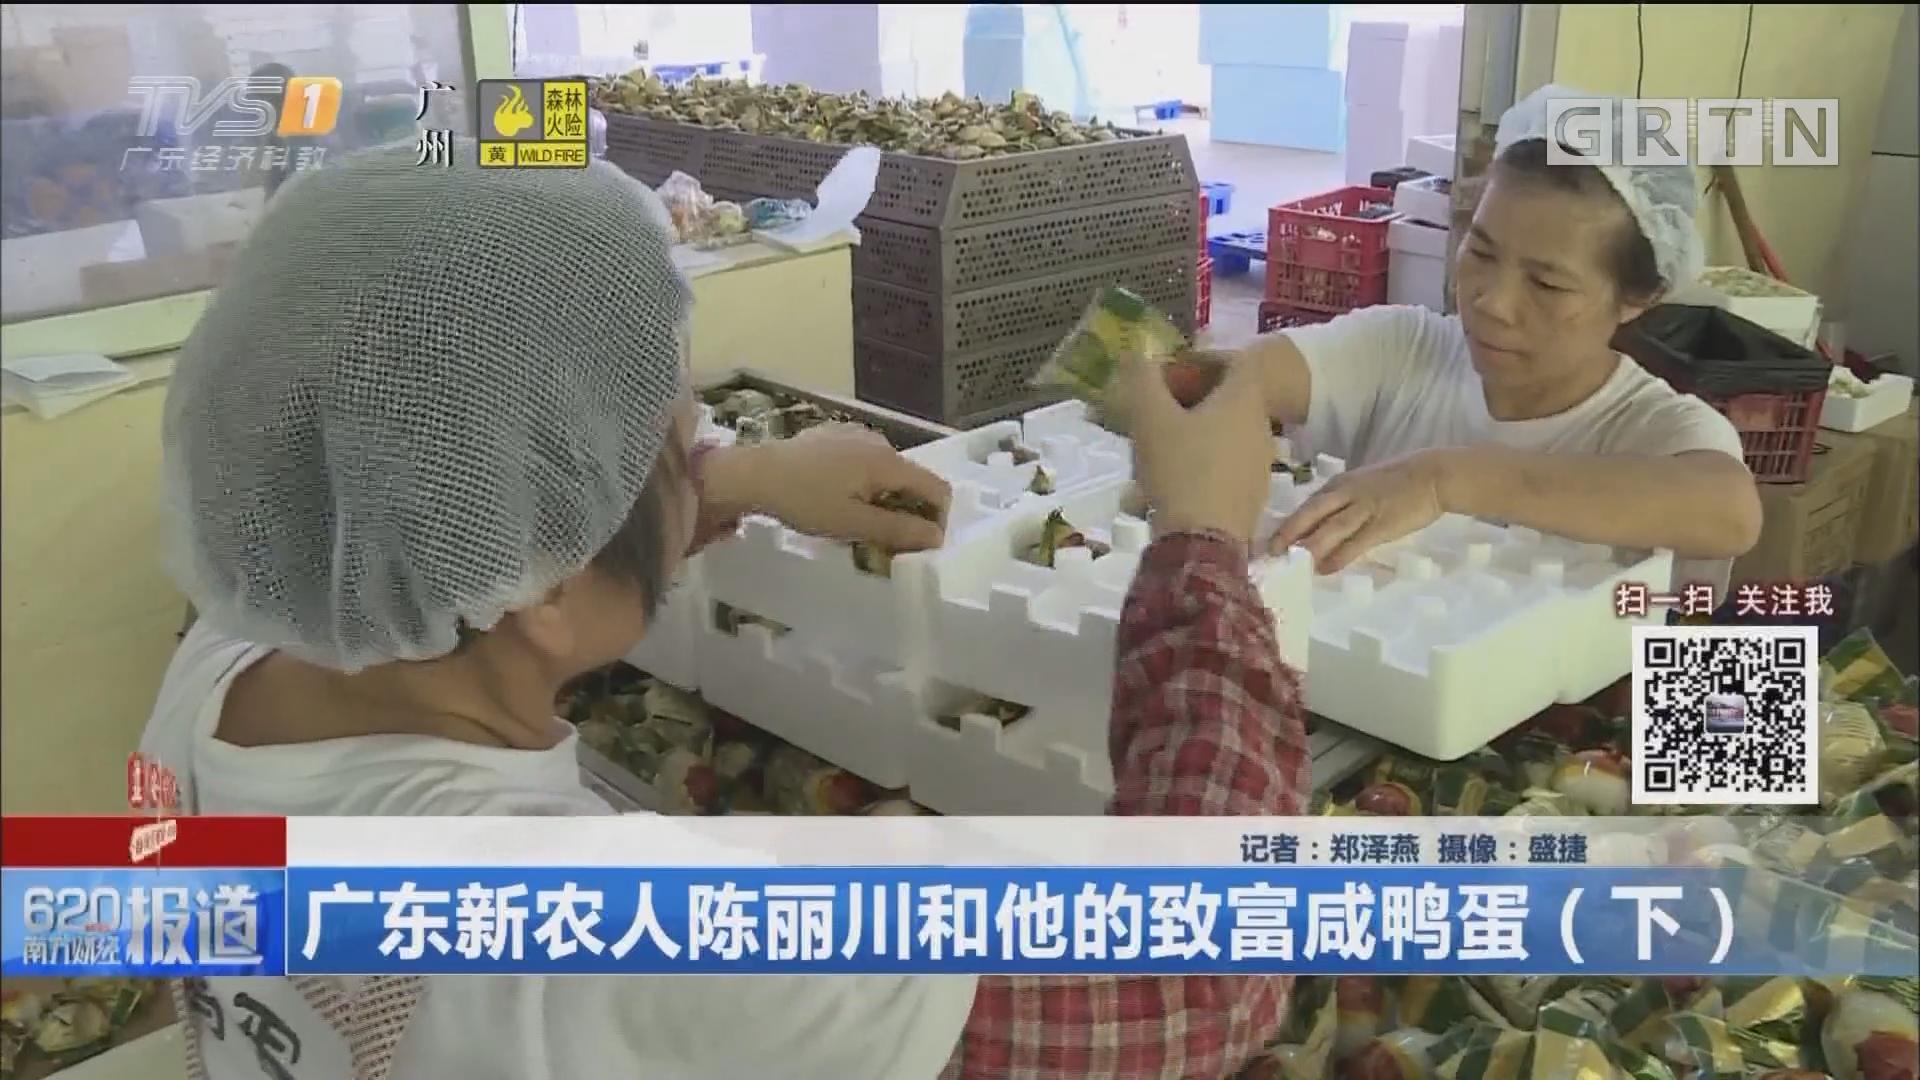 广东新农人陈丽川和他的致富咸鸭蛋(下)